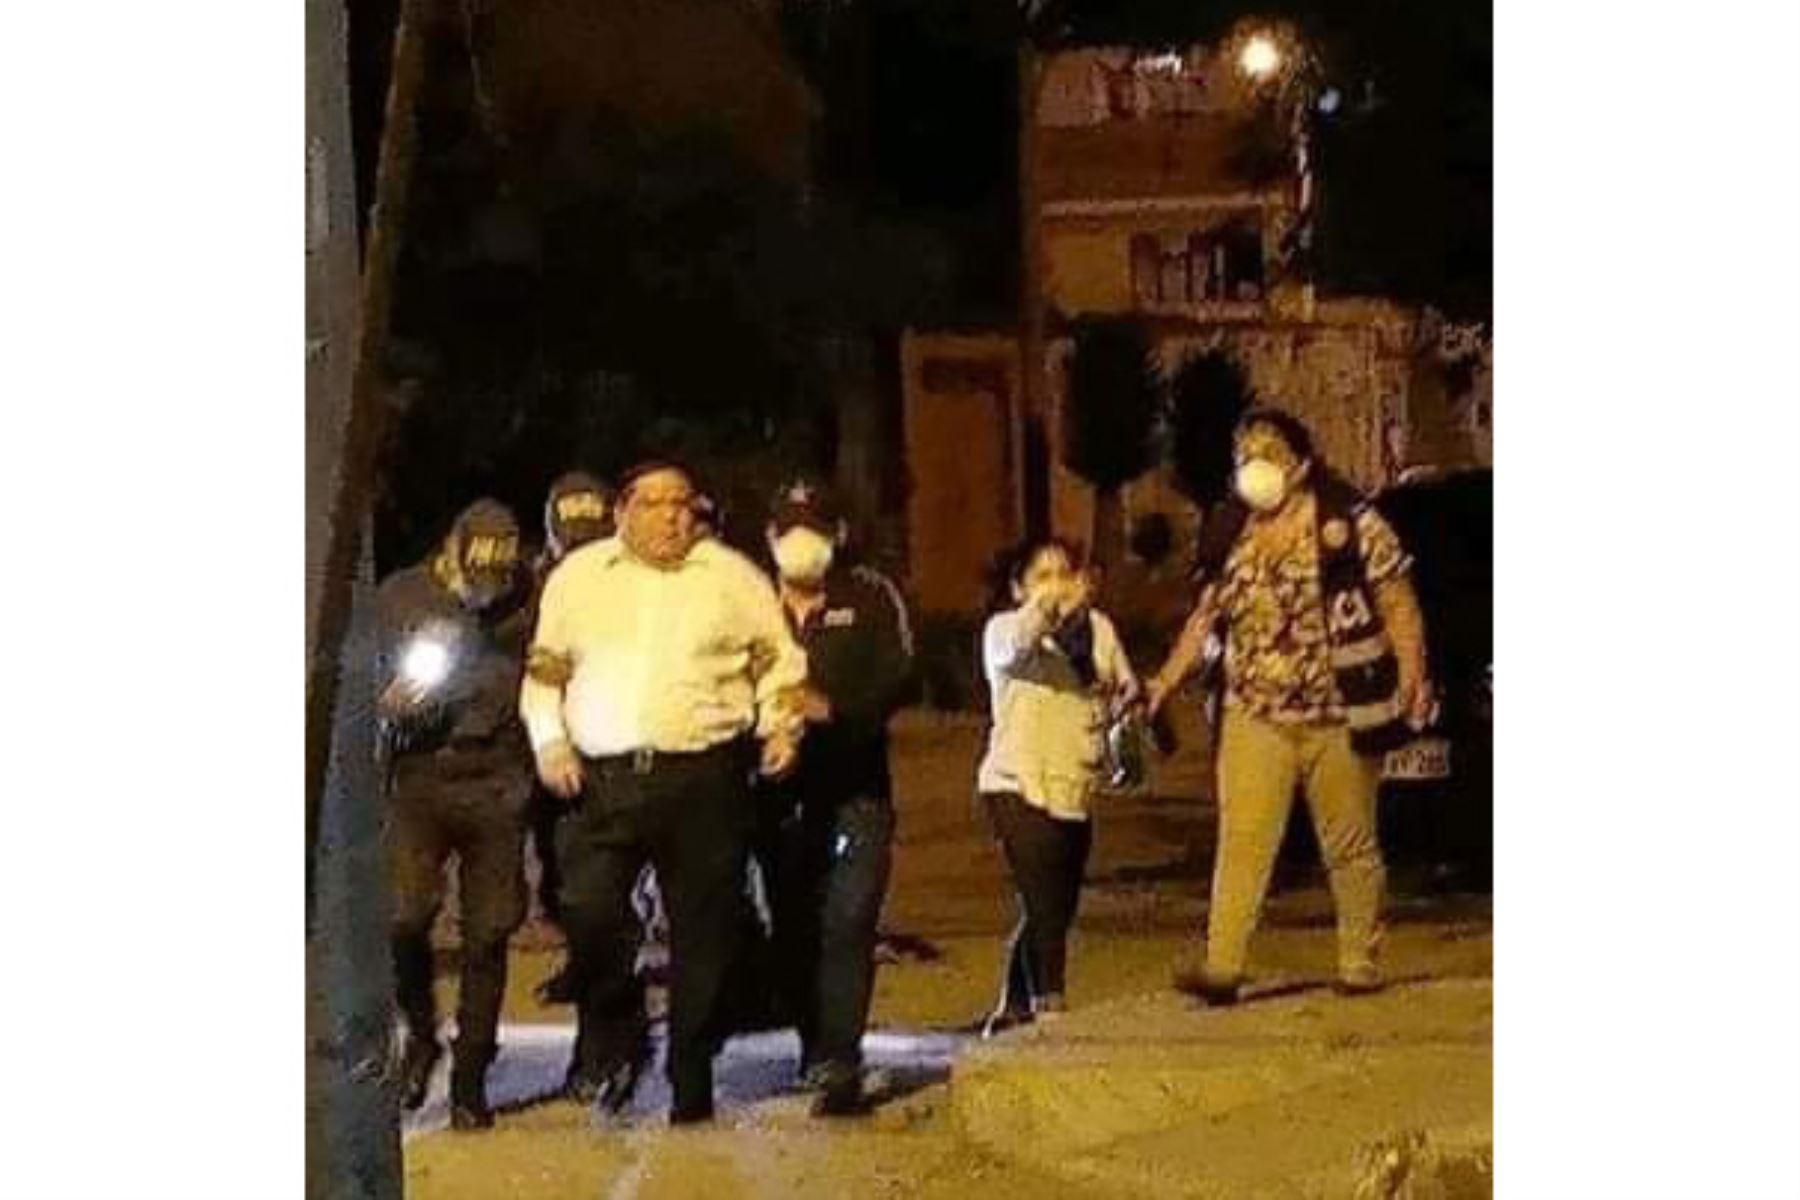 El alcalde de la provincia del Santa (Áncash), Roberto Briceño, fue intervenido por no respetar la inmovilización social obligatoria. Foto: difusión.